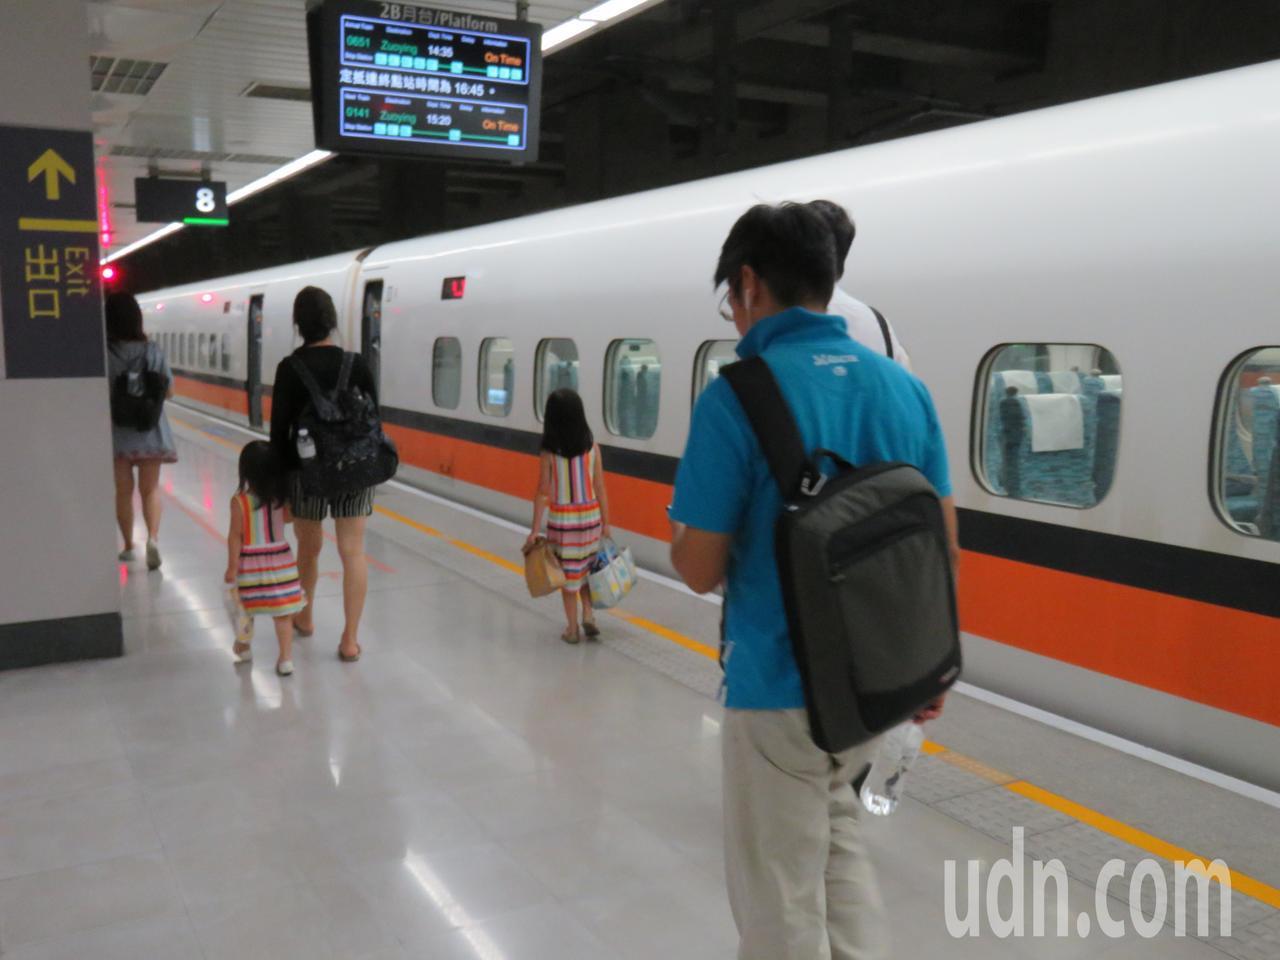 台灣高鐵公司推出回數票搭乘滿8次限期回饋優惠活動。記者雷光涵/攝影